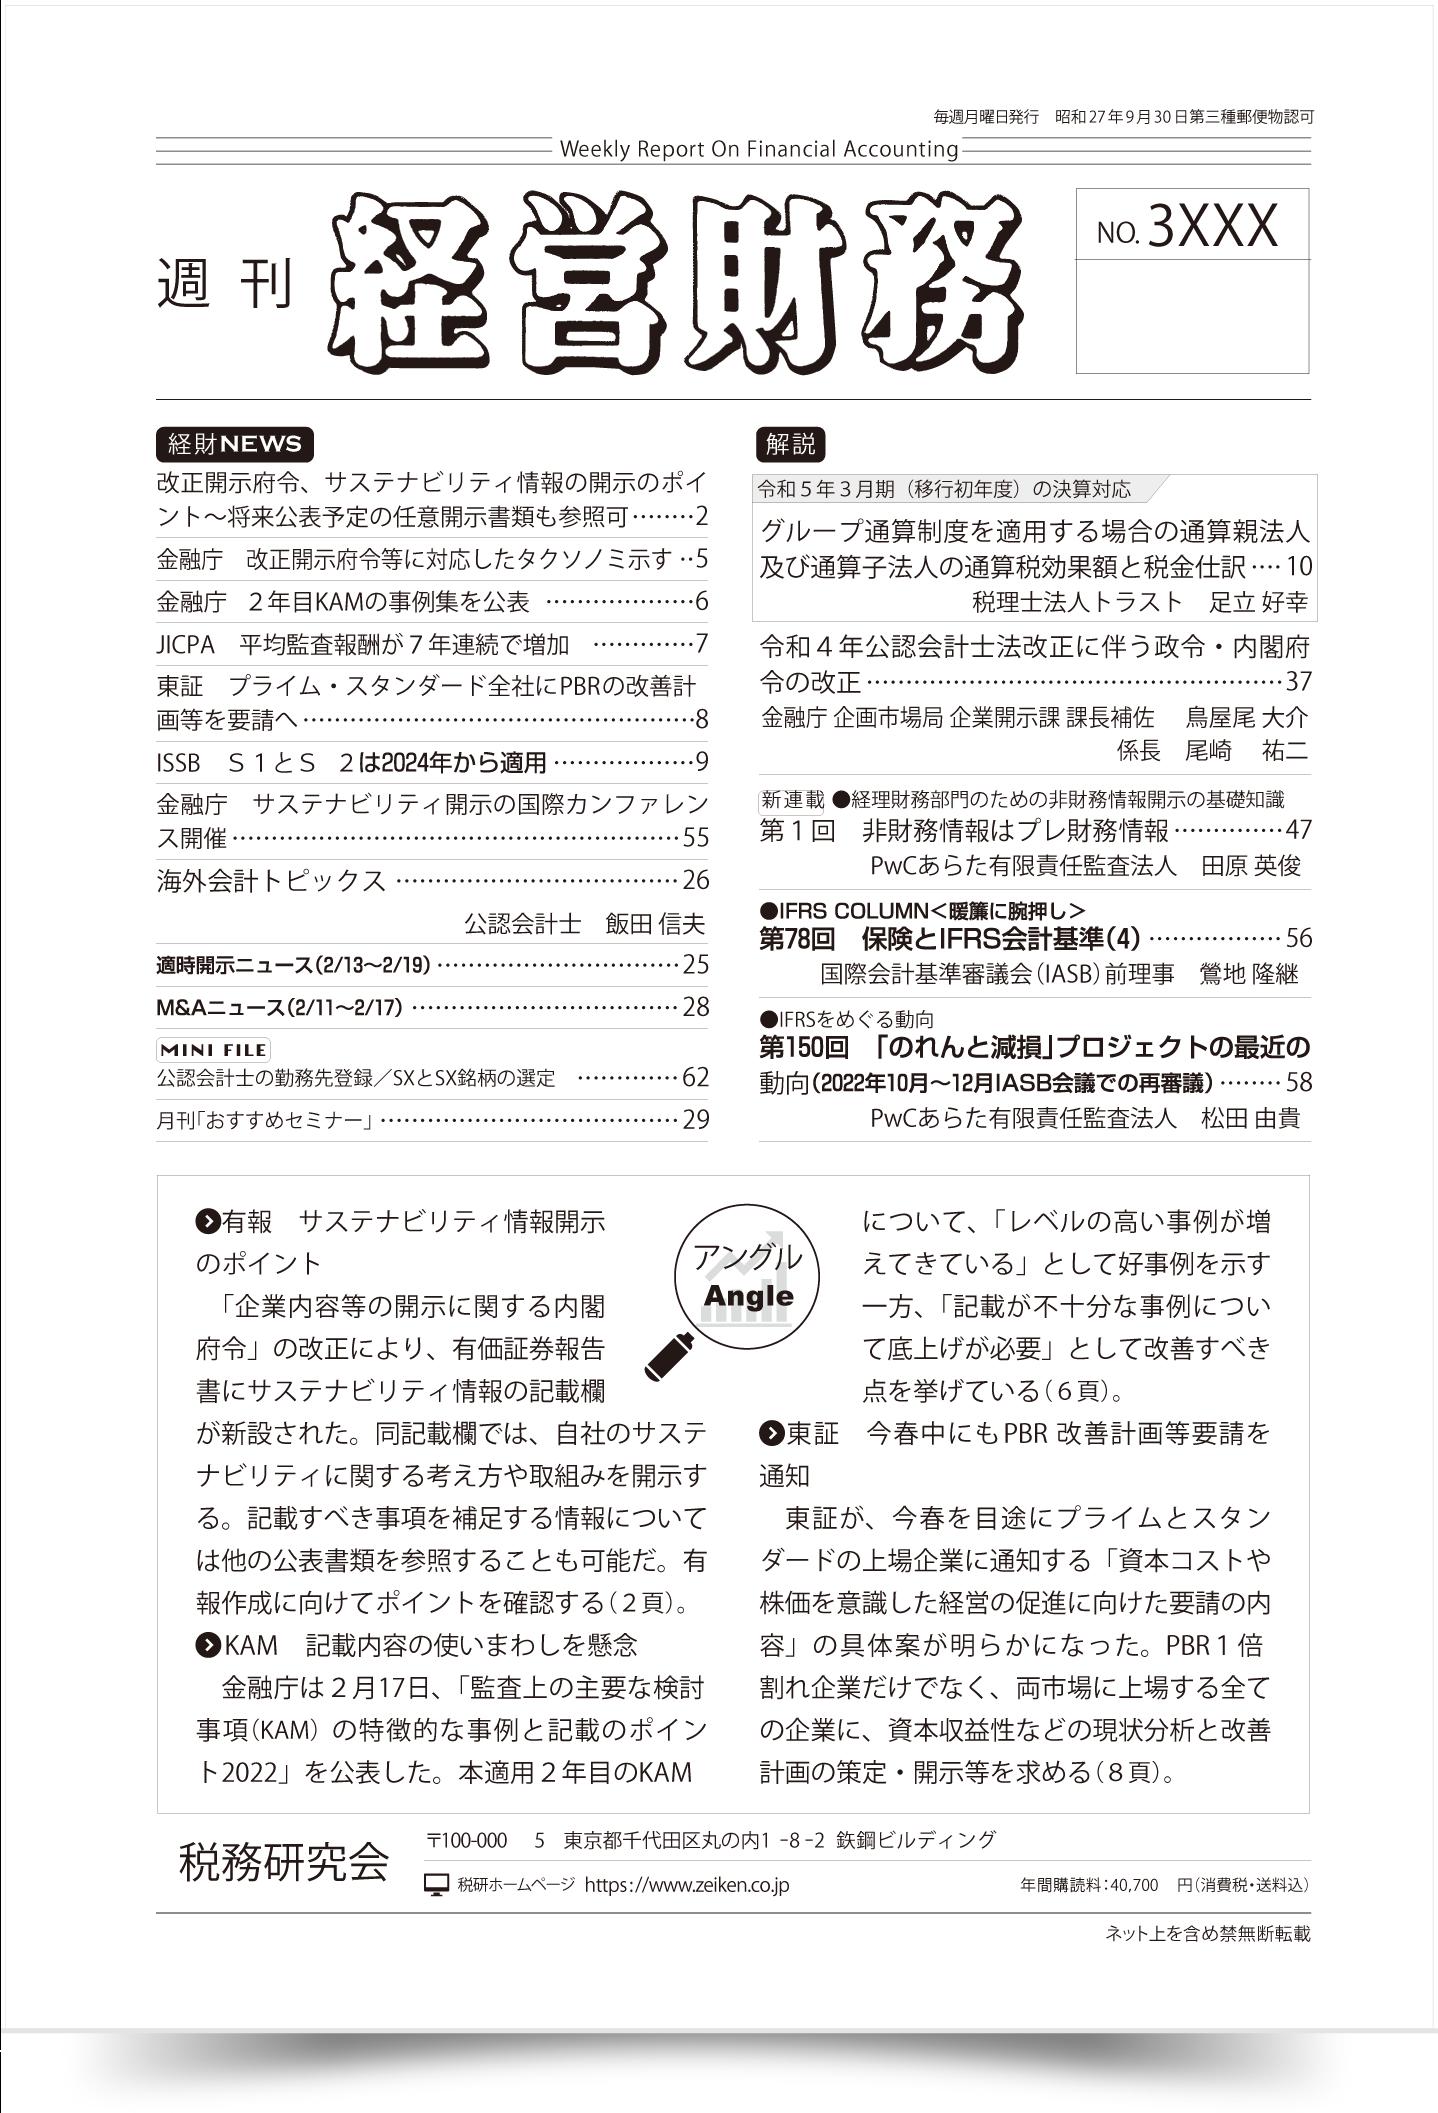 週刊 経営財務|情報誌|税務研究会